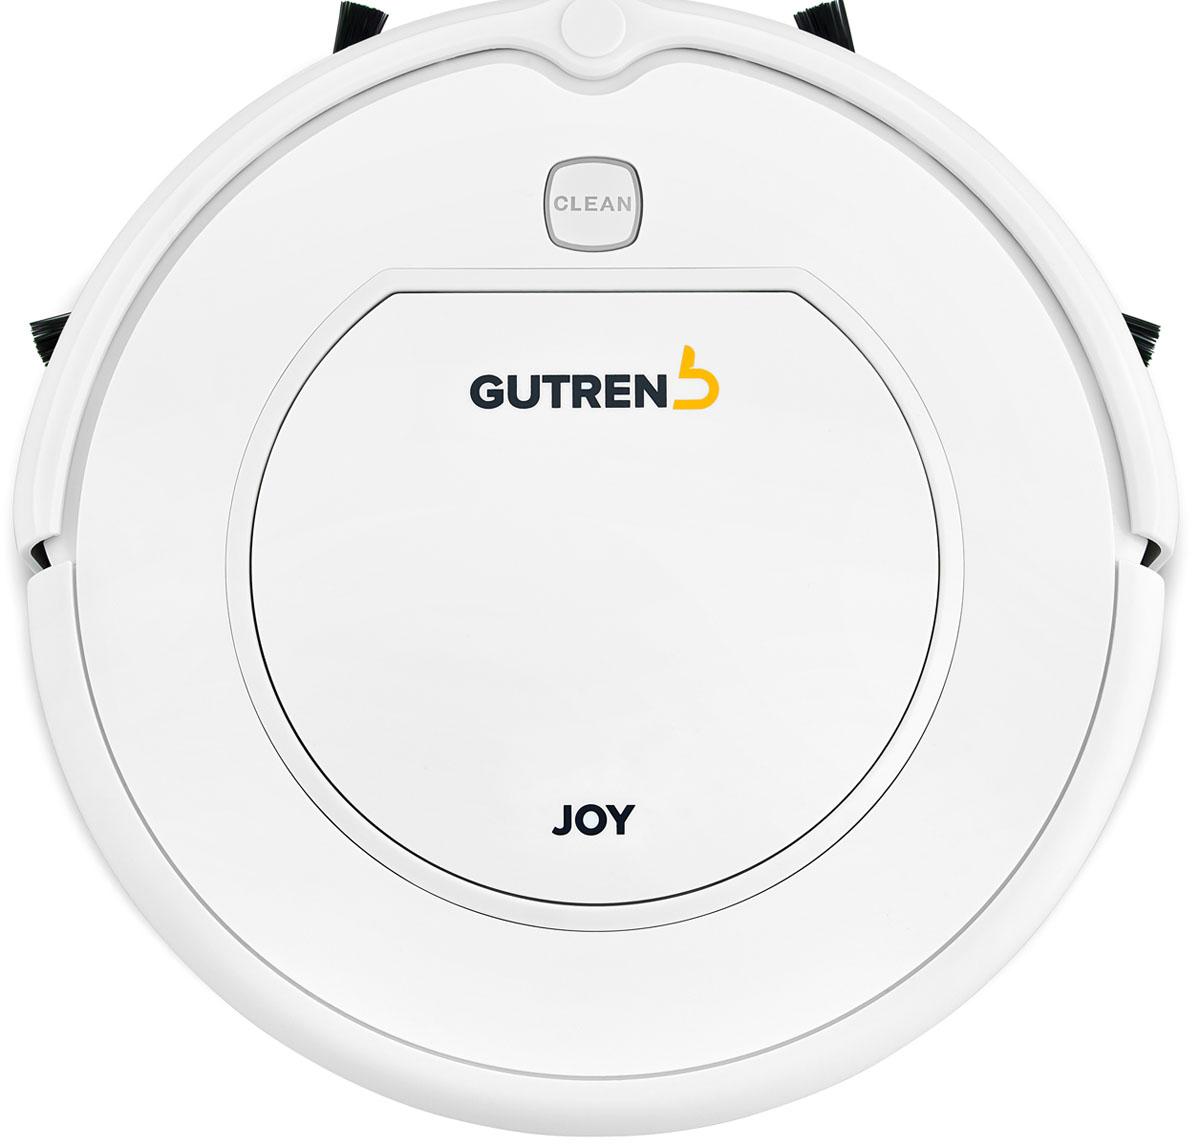 Gutrend Joy G95W, White робот-пылесосG95WРобот-пылесос Gutrend Joy 95 это обновление давно знакомой, ставшей бестселлером модели Joy 90 от Gutrend. Сохранив все лучшее от предыдущей модели, производитель усилил новинку более мощным аккумулятором и обновил ПО до последней версии. Теперь Ваш робот будет еще более производительным. Одна из ключевых особенностей данной модели – это максимальная простота в использовании. Вам не придется подолгу разбираться в настройках – все управление сводится к нажатию одной кнопки. Остальное робот сделает сам и вернется на базу для подзарядки.JOY 95 очень компактен (30 см в диаметре и 7,5 см в высоту) имеет небольшой вес (1,8 кг), что обеспечивает отличную проходимость и маневренность.Литий-ионный аккумулятор повышенной емкости (2600 mAh) позволяет роботу Gutrend Joy 95 убирать помещения общей площадью 120 кв.м непрерывно в течение 110 мин.Данная модель имеет вместительный пылесборник (0.6 л), что позволяет намного реже обслуживать робота. Пылесборник предусматривает две ступени фильтрации: сетчатый фильтр для крупного мусора и HEPA-фильтр для удержания мельчайших частиц пыли. Воздух в квартире останется чистым!Робот-пылесос отличается низким уровнем шума, который не превышает 50 Дб. Важным преимуществом семейства JOY 95 является принцип открытой архитектуры. Такой подход позволит Вам улучшить возможности робота-пылесоса необходимыми именно Вам функциями, не переплачивая за избыточные потребительские свойства. Заказав дополнительные аксессуары, Вы сможете легко дооснастить Вашего помощника. К примеру, модуль влажной уборки позволит производить не только сухую, но и влажную уборку помещений, а виртуальная стена ограничит пространство для уборки.Выбирая GUTREND JOY 95, Вы проявляете заботу об окружающей среде!